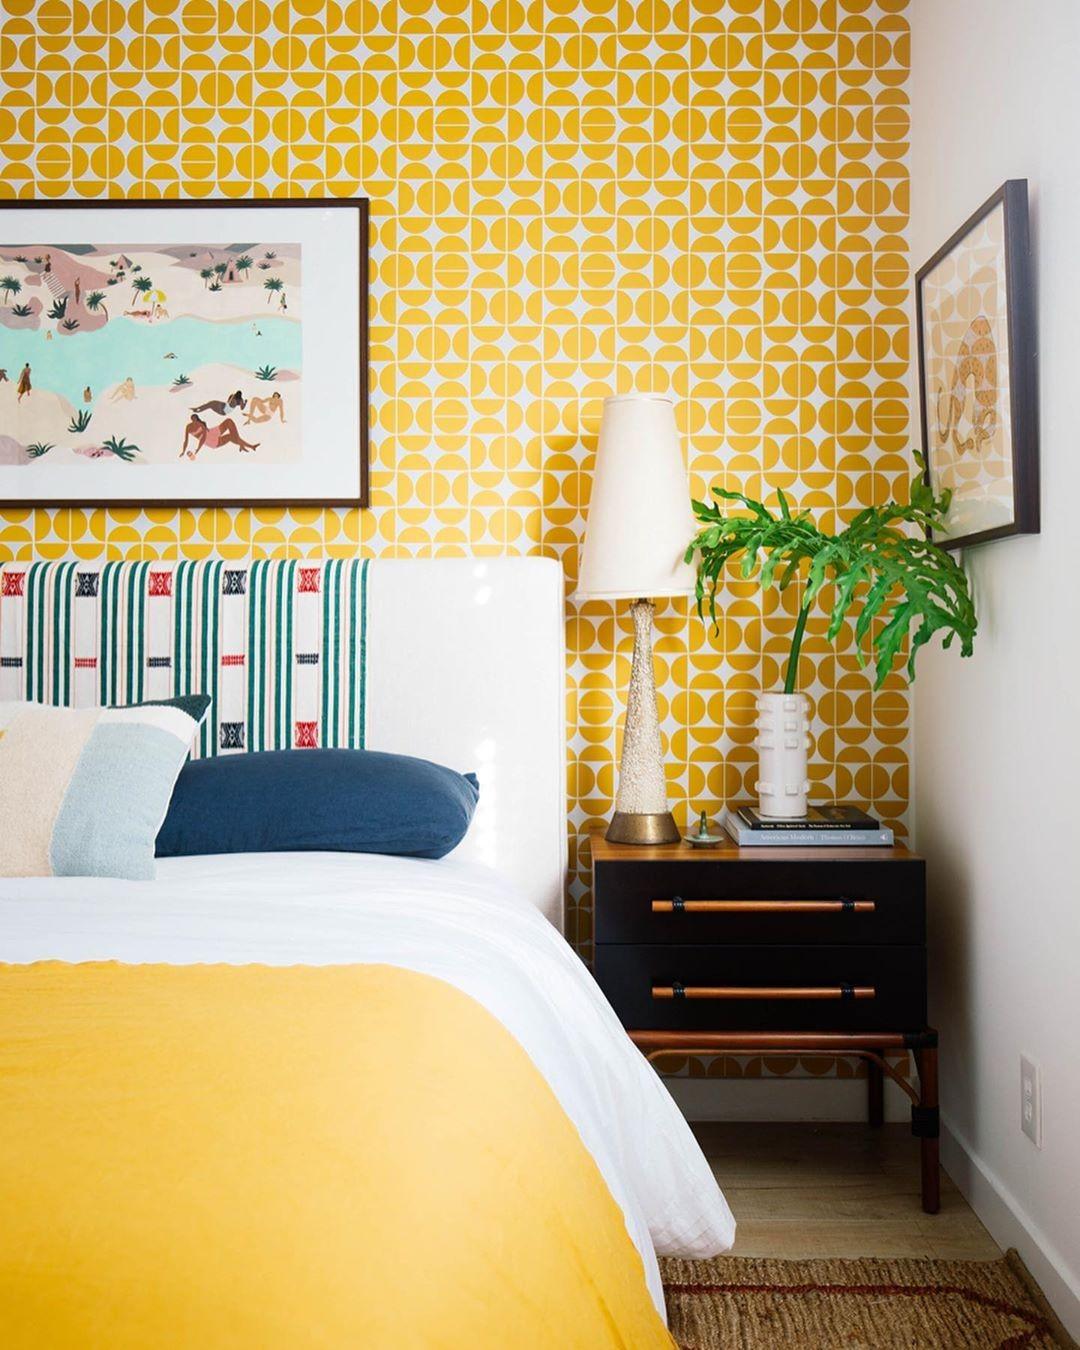 بالصور غرف نوم باللون الأصفر- الأصفر المنقوش